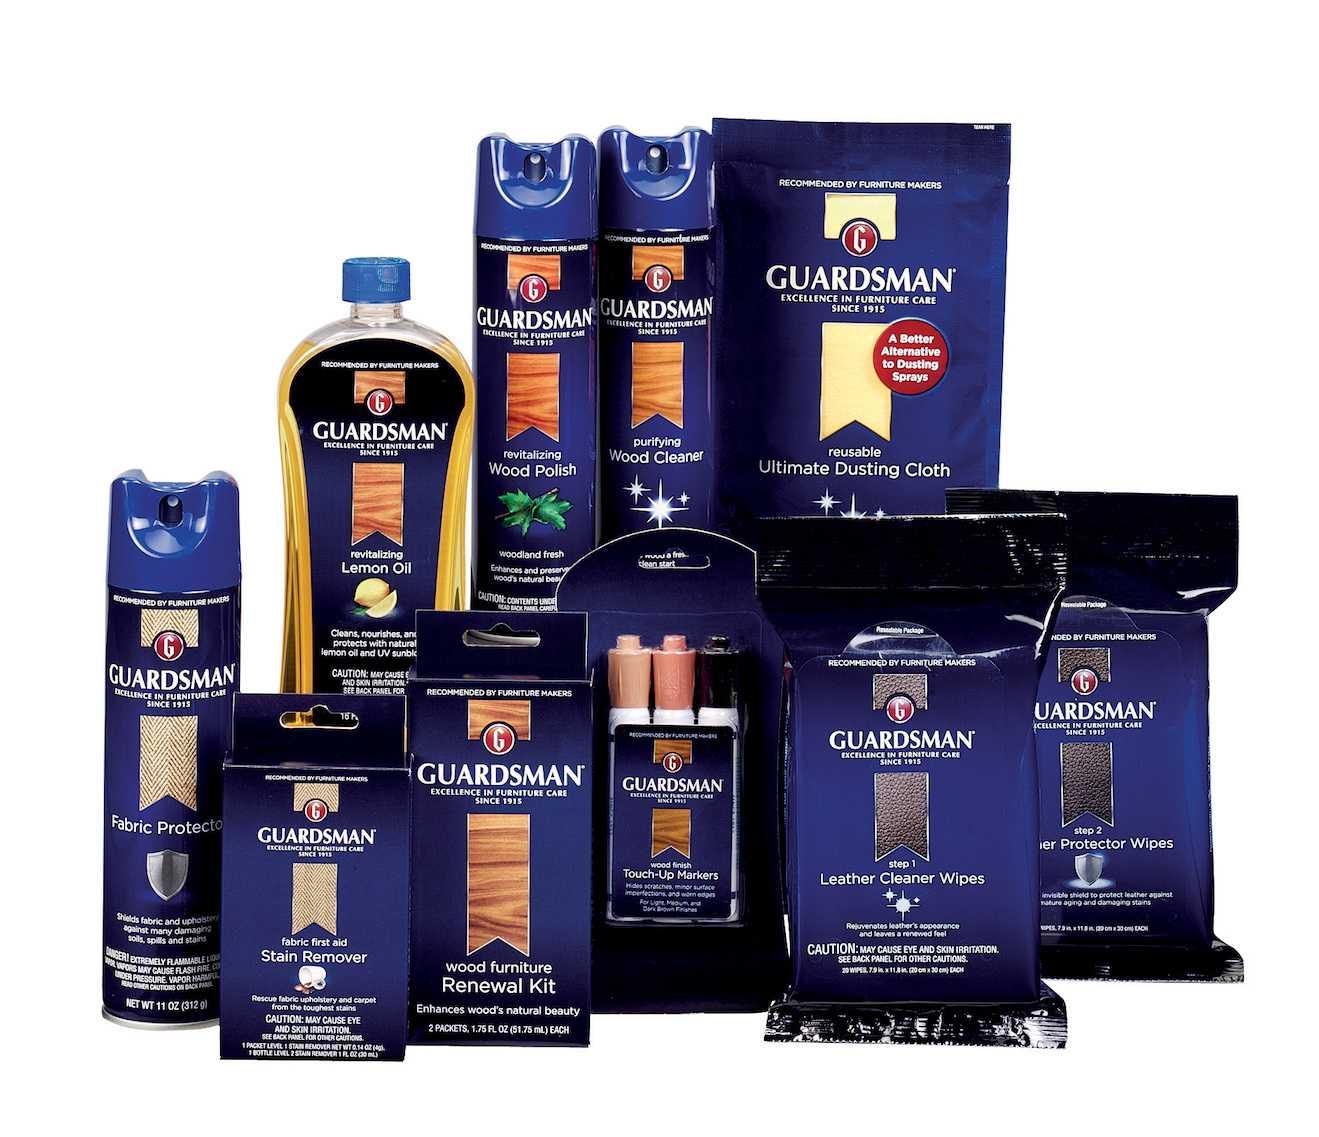 ofrecemos productos guardsman y soil shield para proteccion y limpieza de mueble